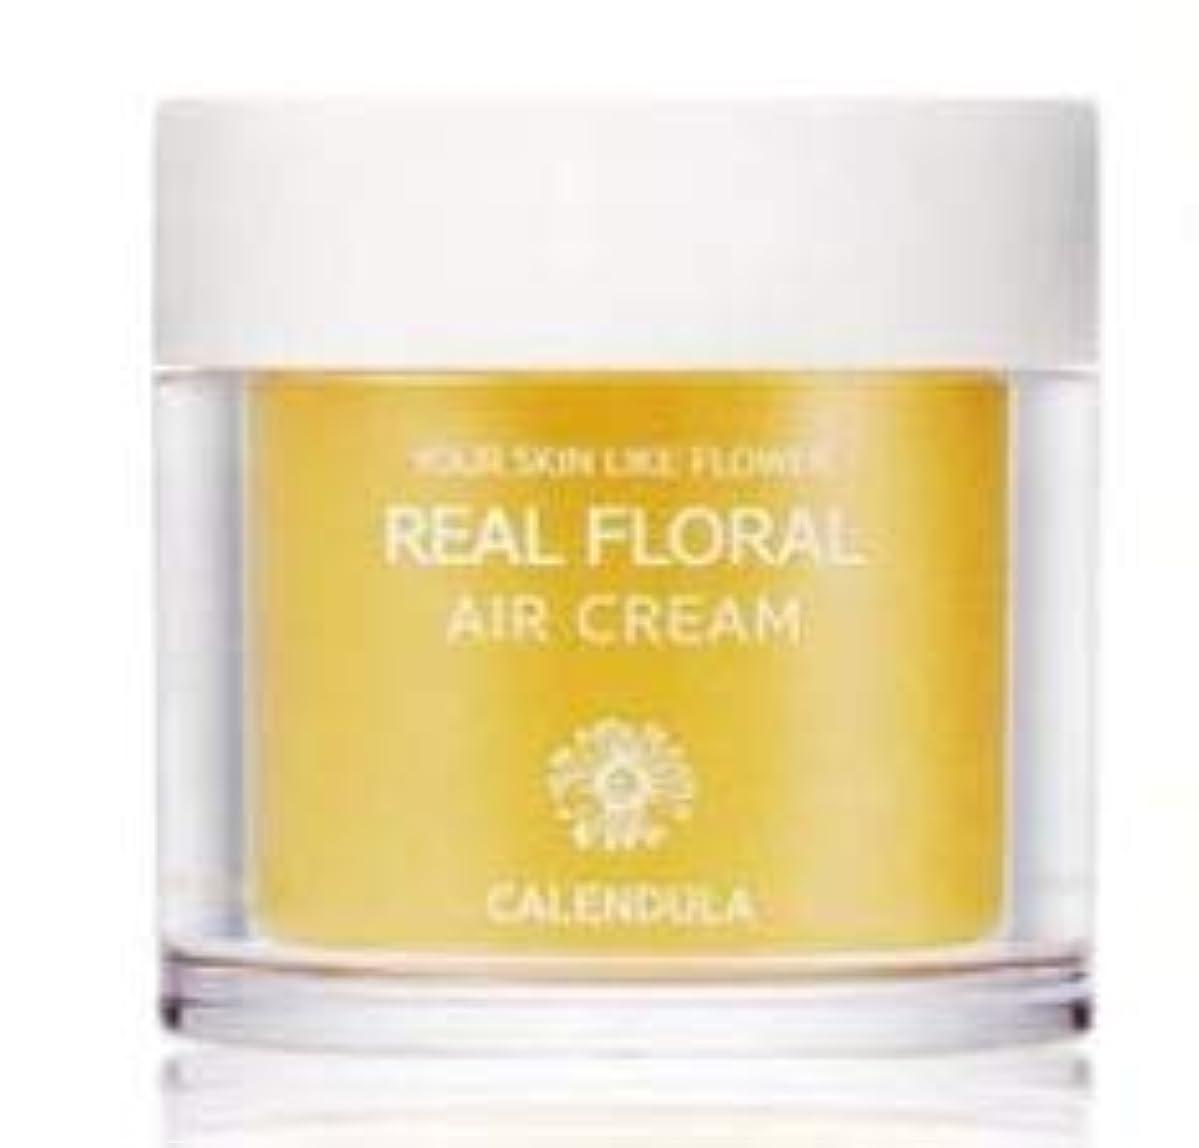 ジャズ要件料理NATURAL PACIFIC Real Floral Air Cream 100ml (Calendula) /ナチュラルパシフィック リアル カレンデュラ エア クリーム 100ml [並行輸入品]